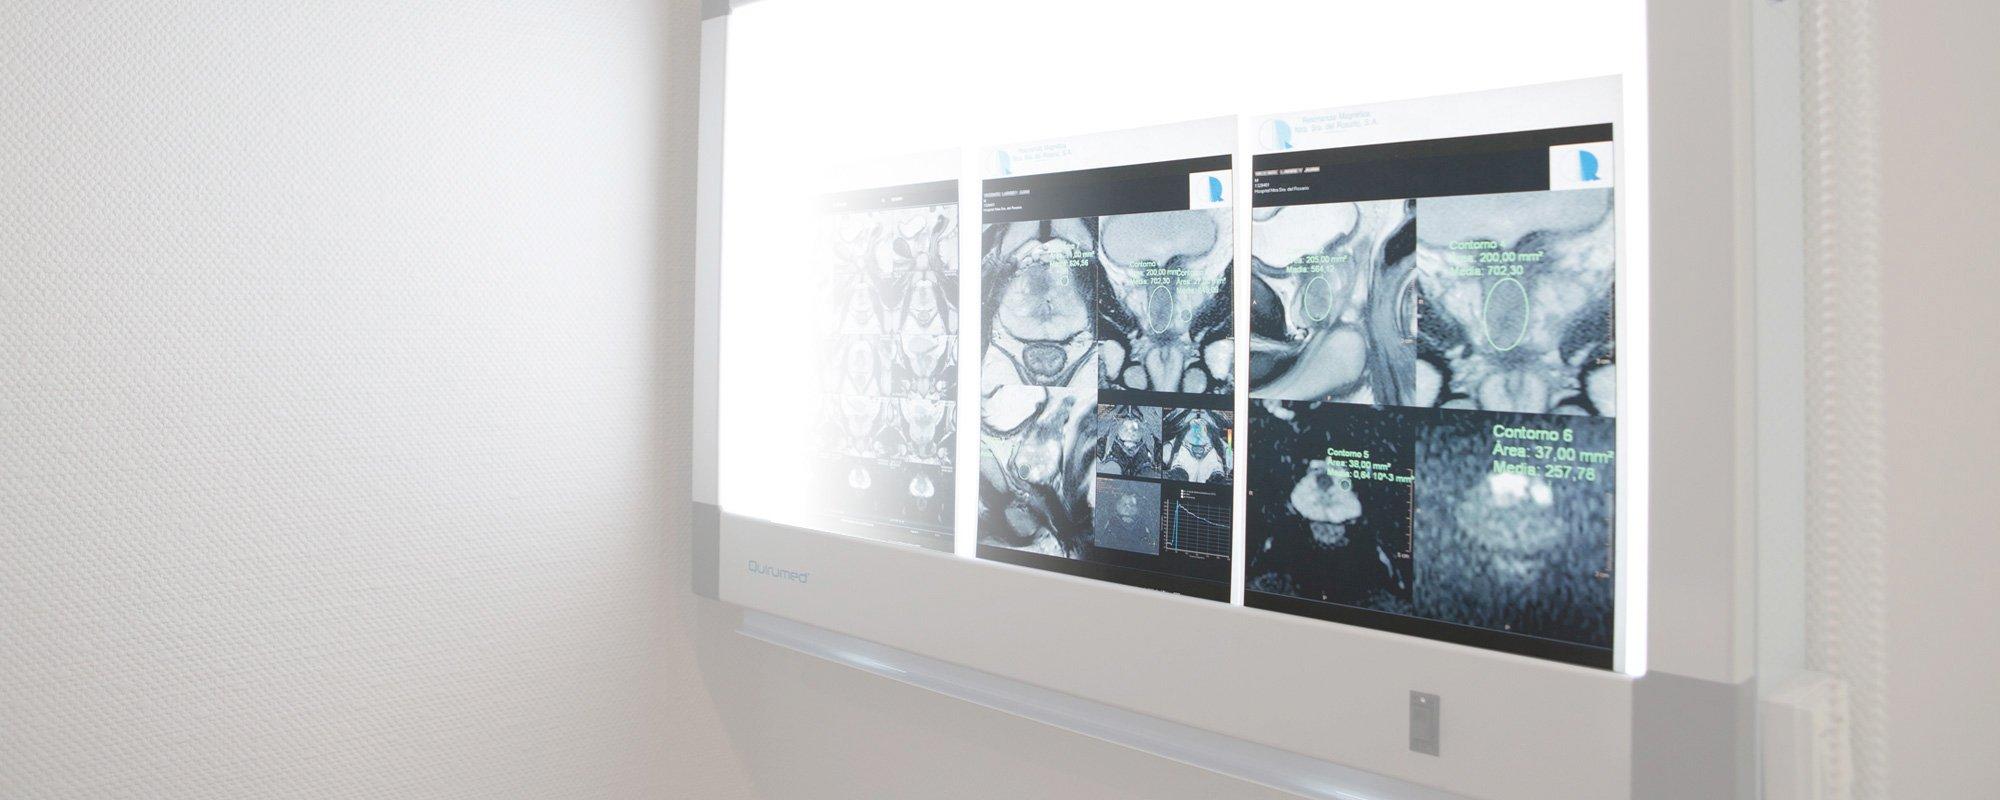 Urología de<br>vanguardia